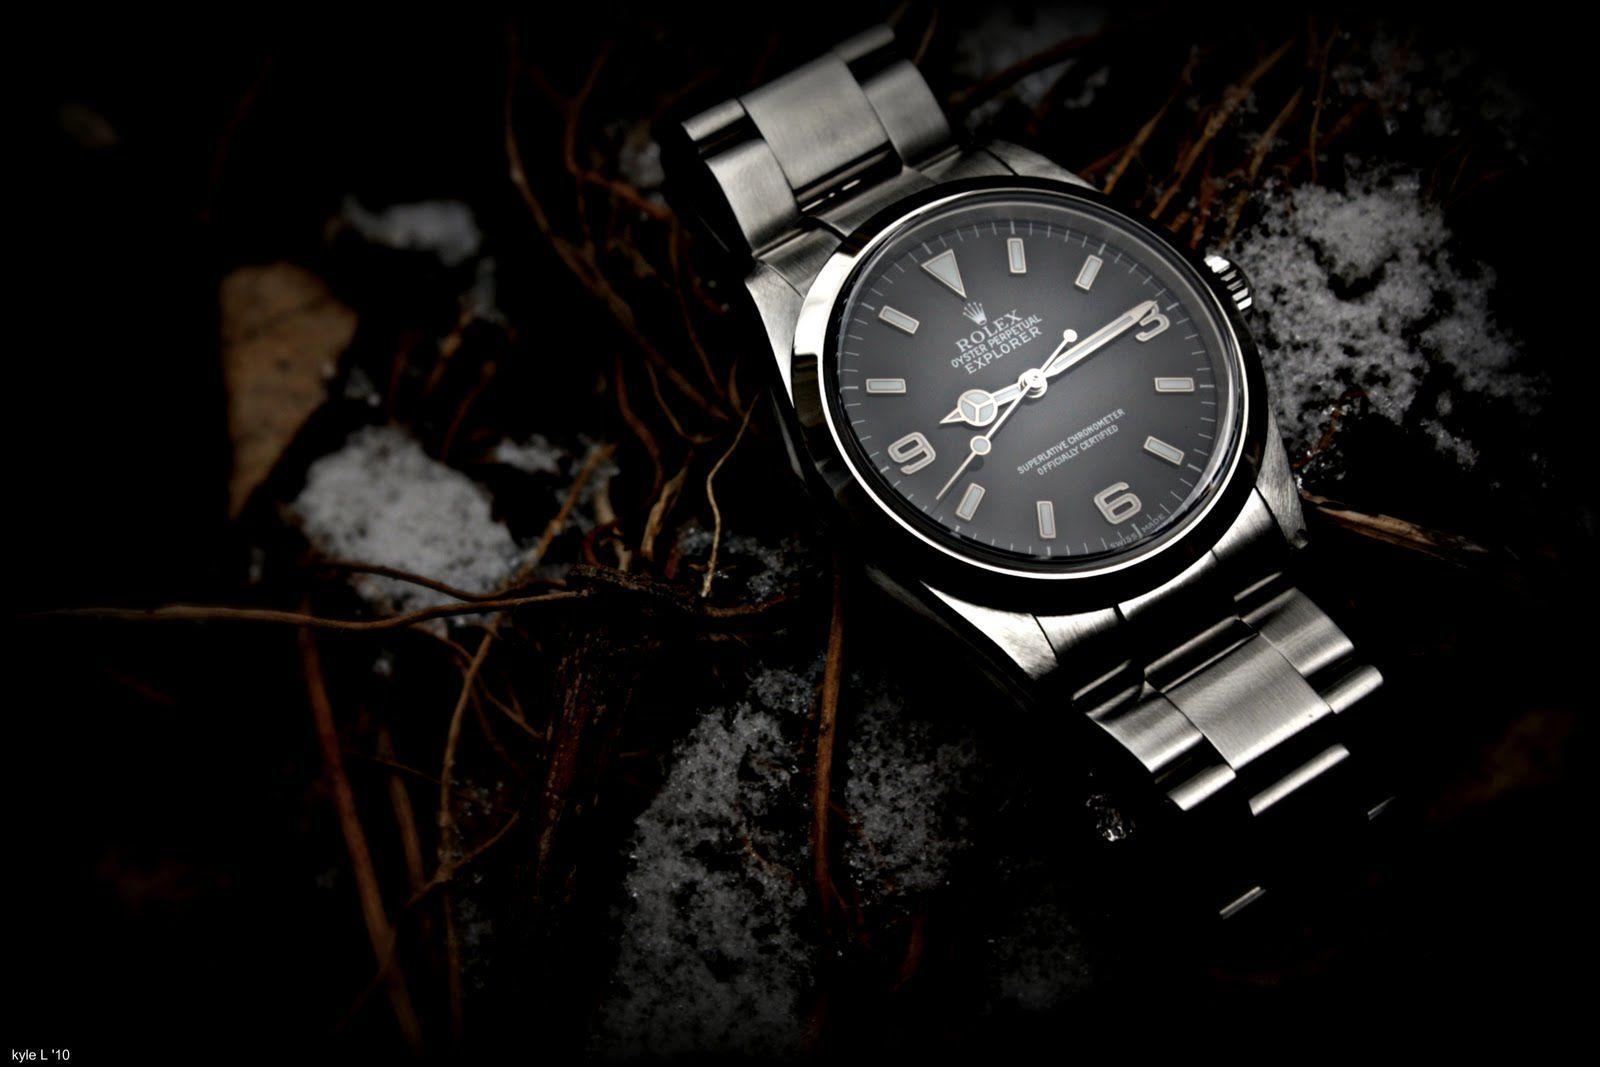 Kyle's Watch Wallpapers: Rolex Explorer 114270